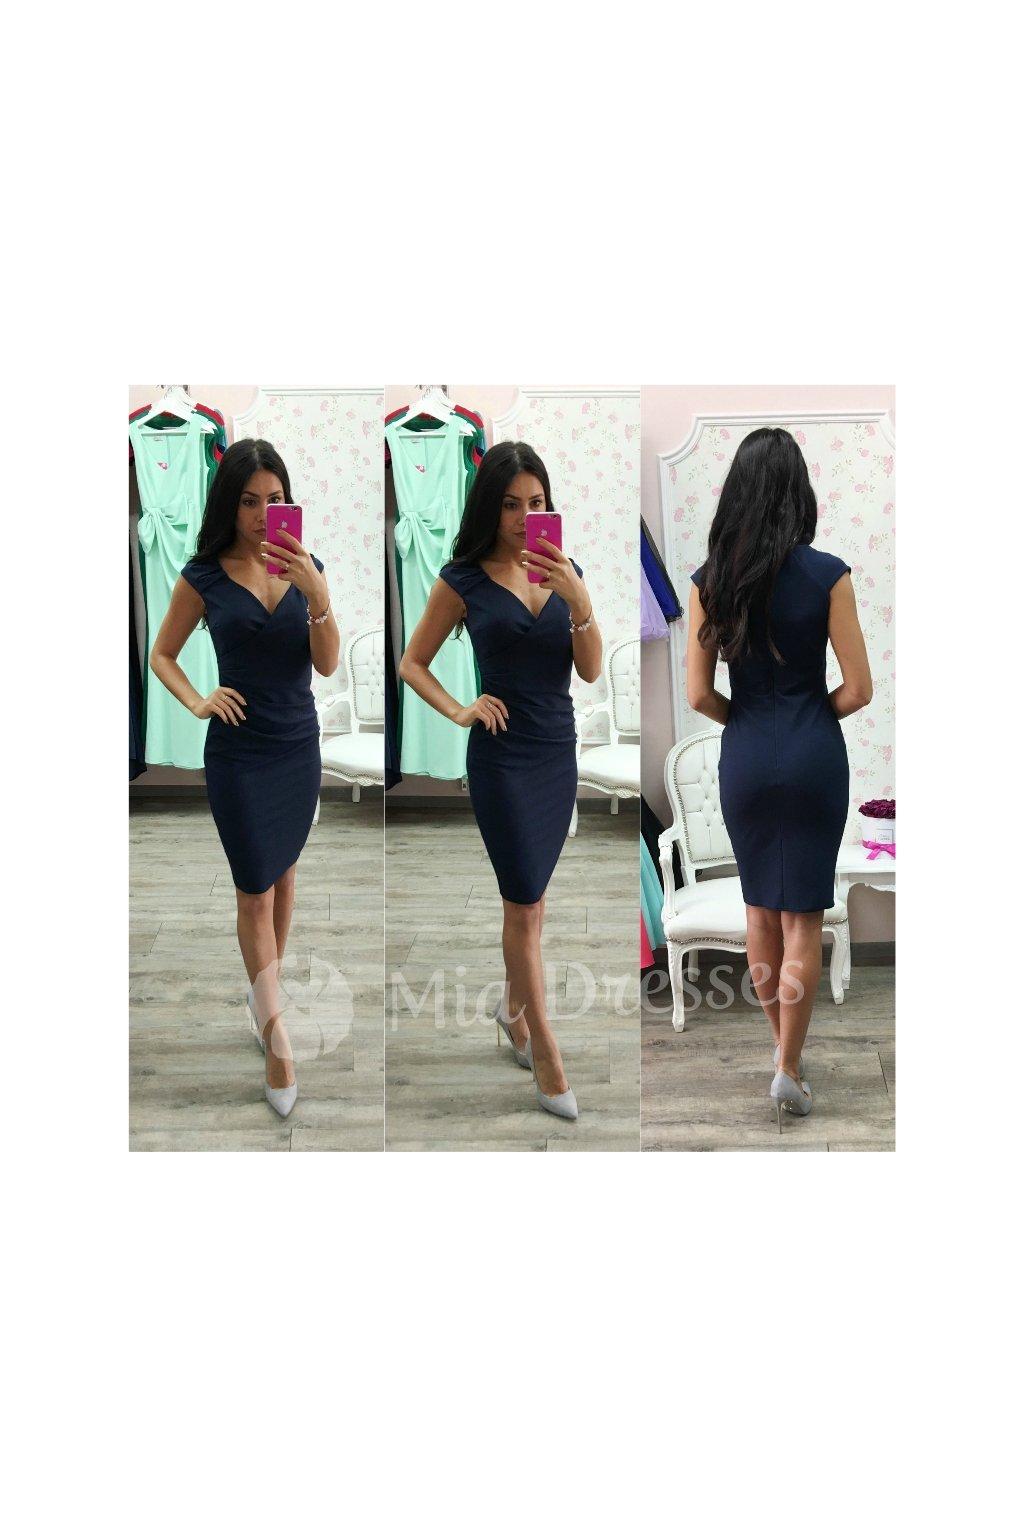 47a8193340d9 Tmavomodré krátke šaty s výstrihom - Mia Dresses